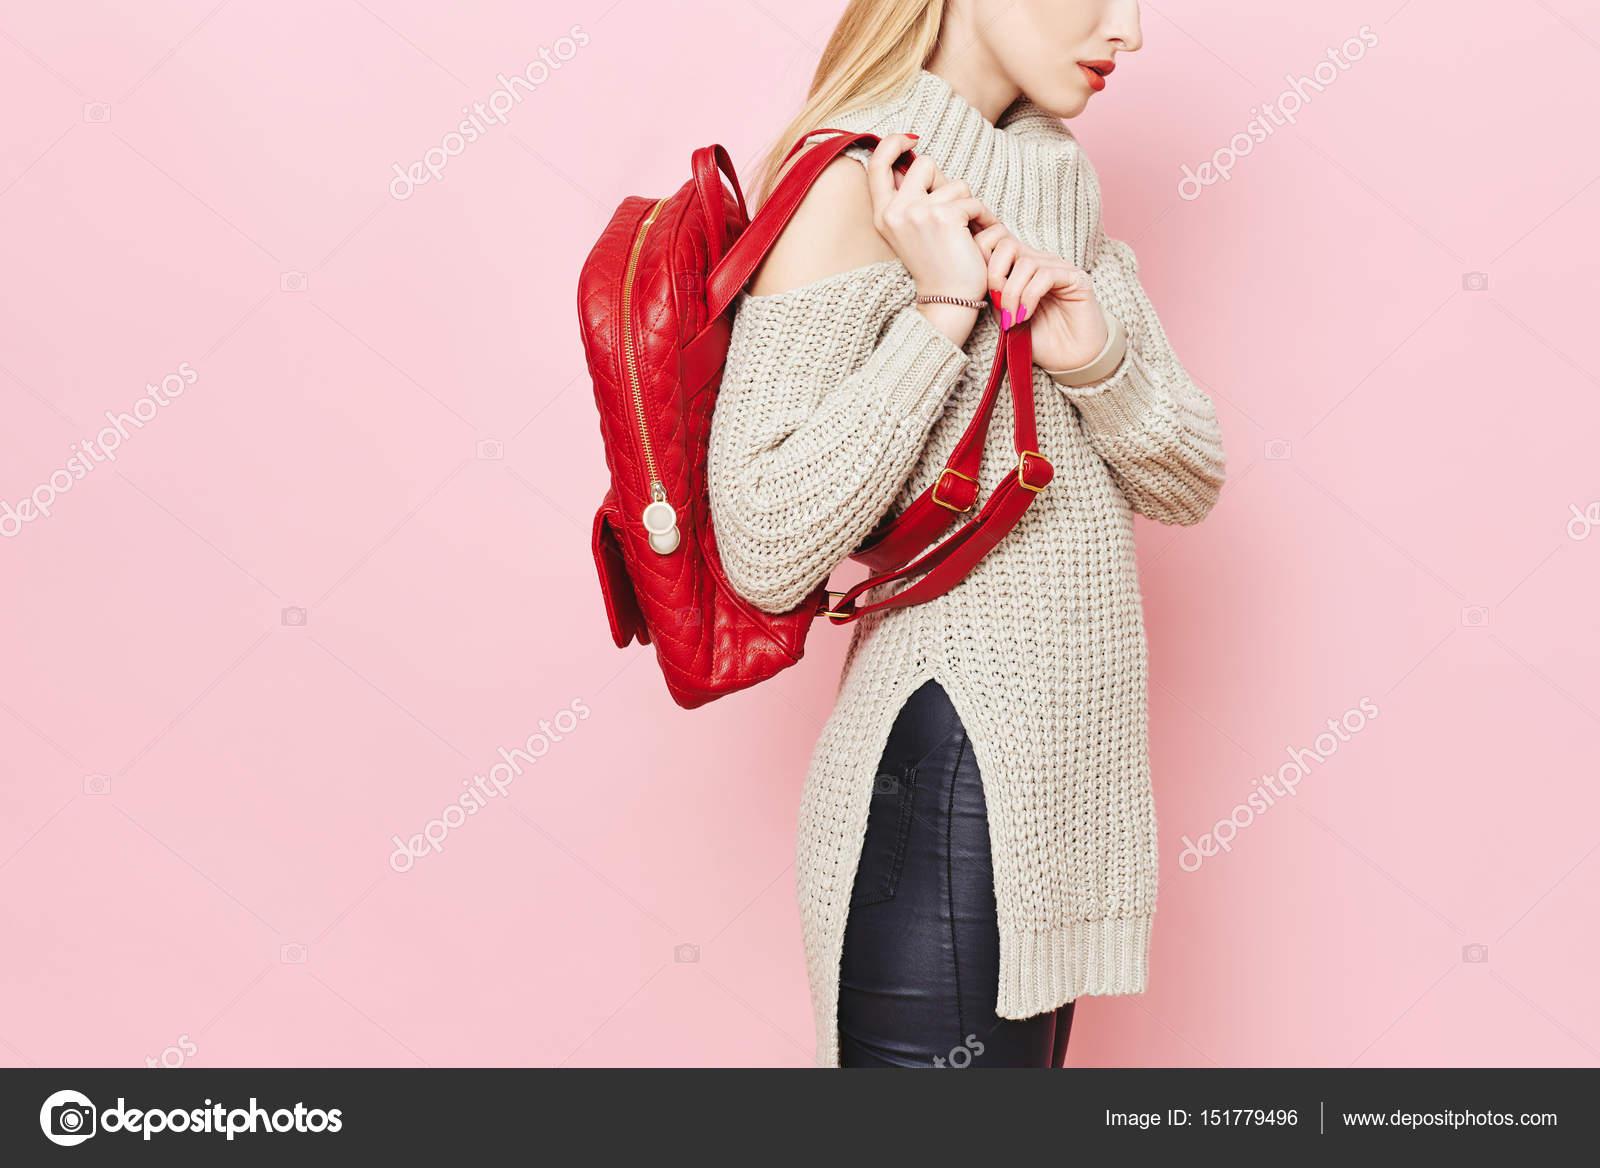 Γυναικεία μόδα μοντέλο με κόκκινη τσάντα πλάτης ροζ φόντο στούντιο– εικόνα  αρχείου 4b5357e0463